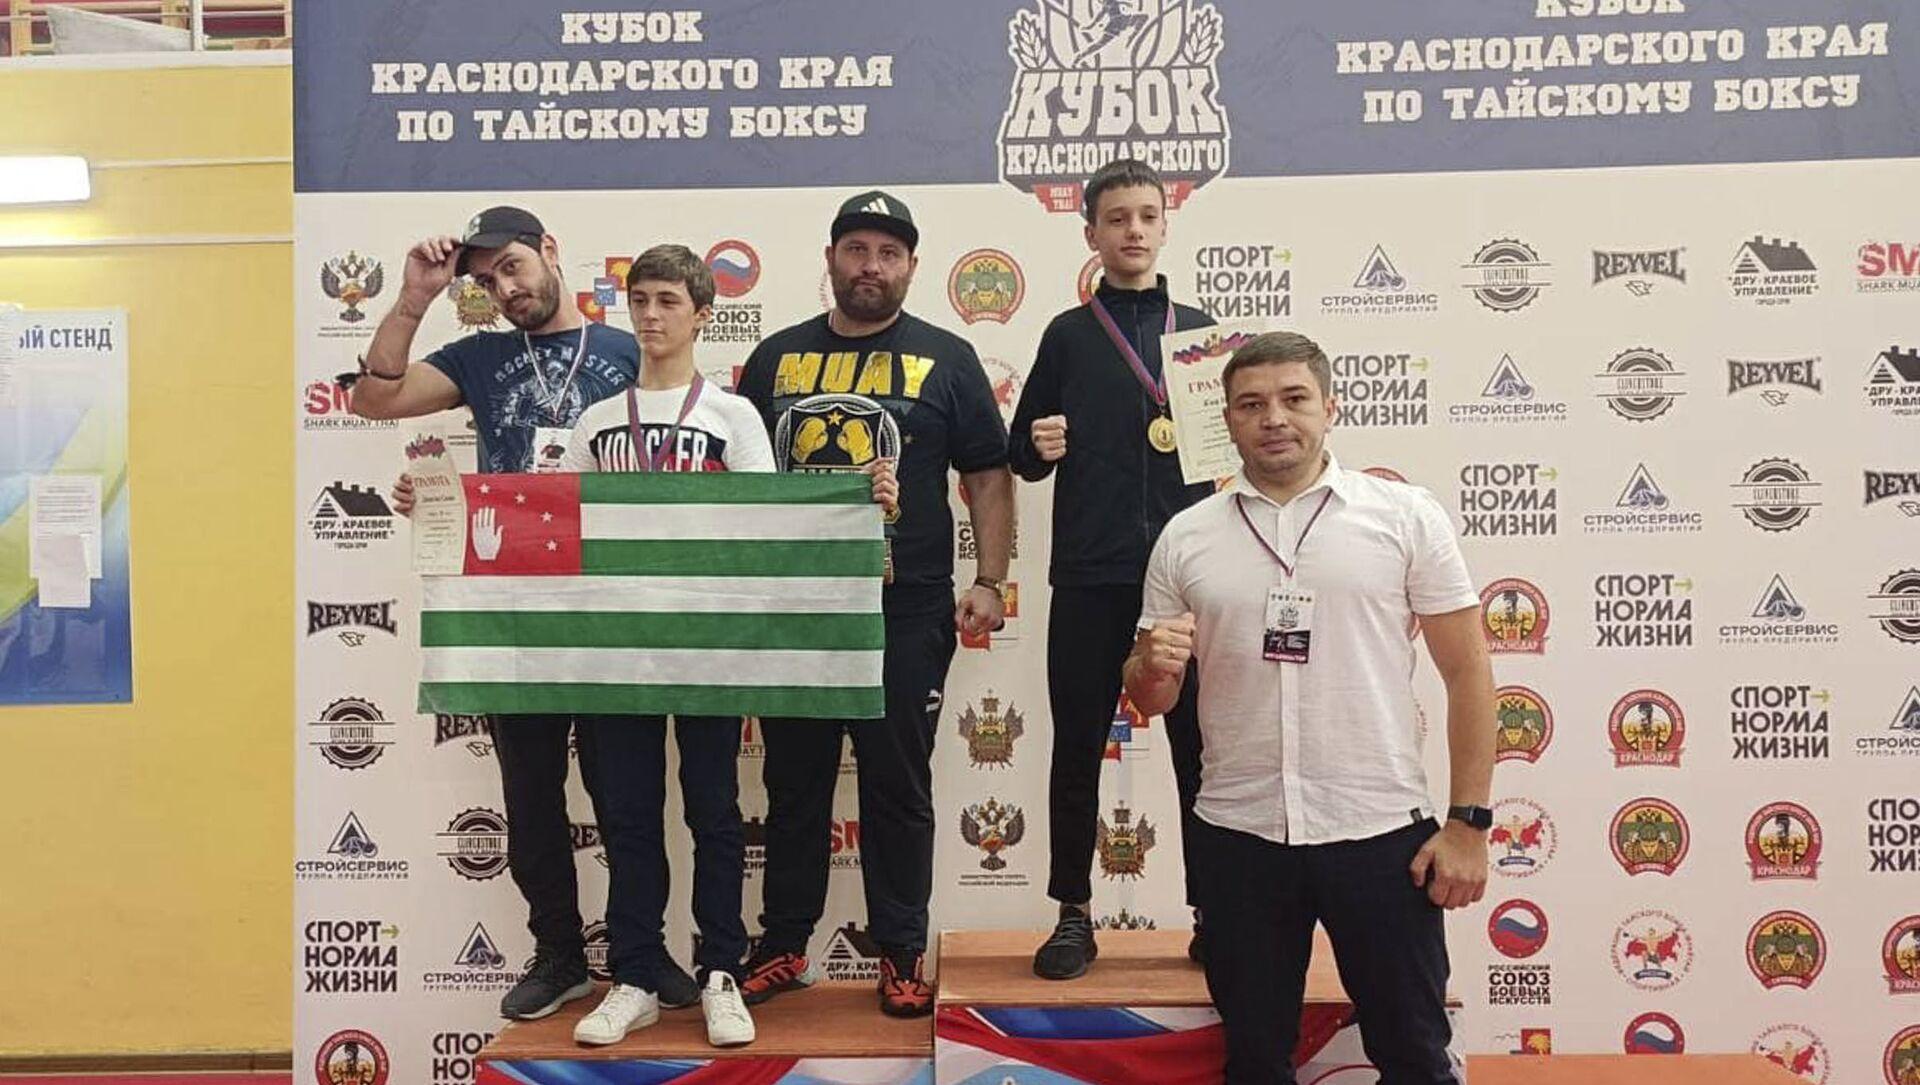 Сборная Абхазии по тайскому боксу заняла третье место на «Кубке Краснодарского края» - Sputnik Абхазия, 1920, 19.09.2021